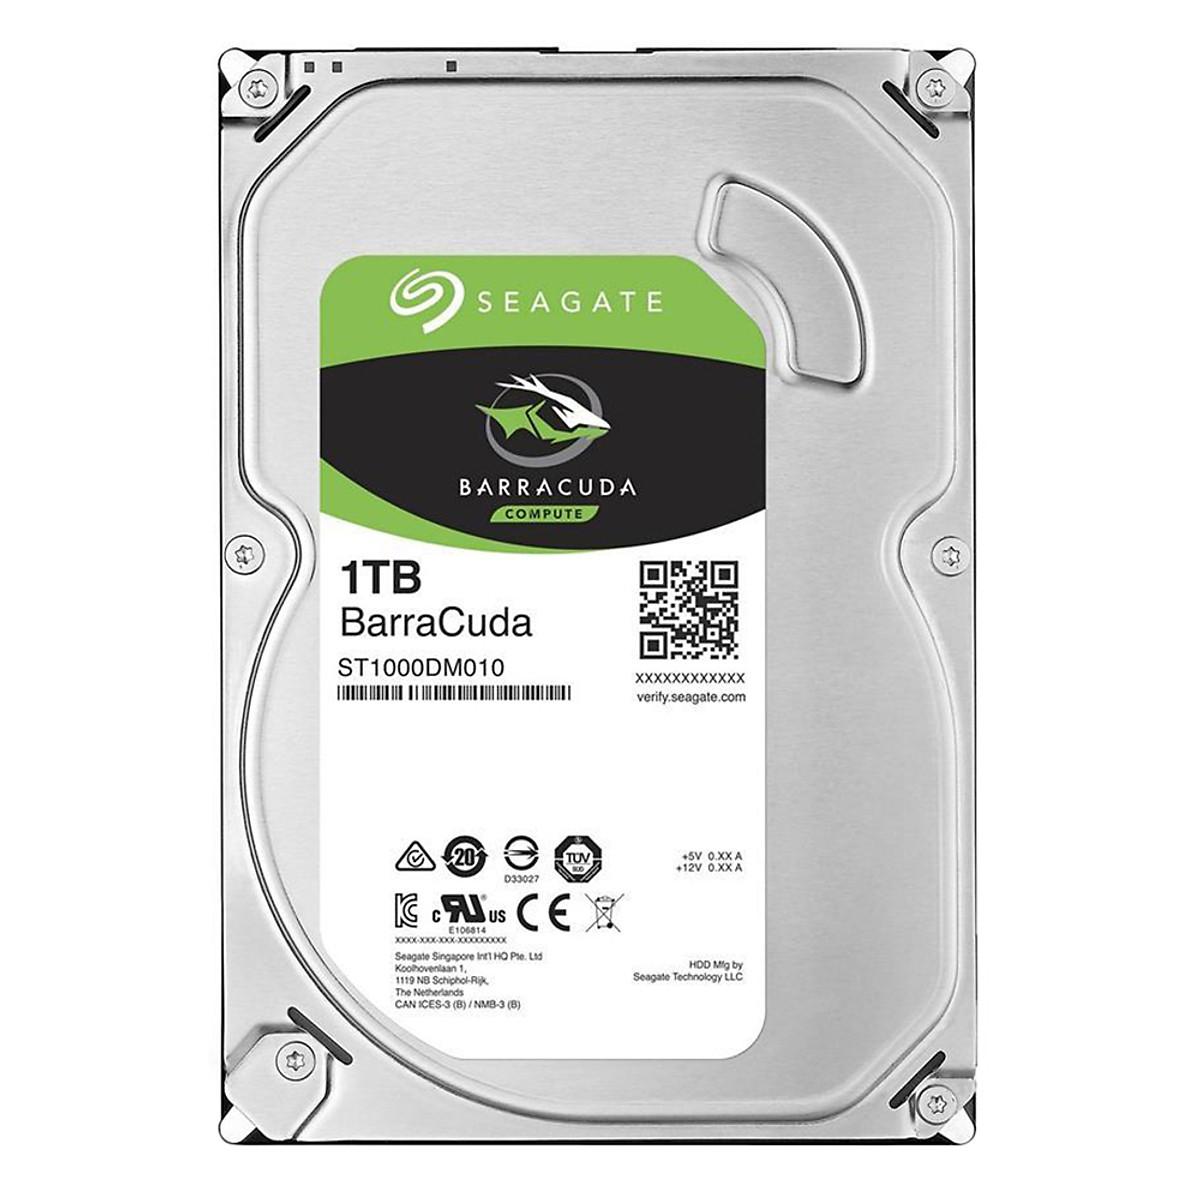 Ổ Cứng HDD Seagate BarraCuda 1TB/64MB/3.5 – ST1000DM010 – Hàng chính hãng